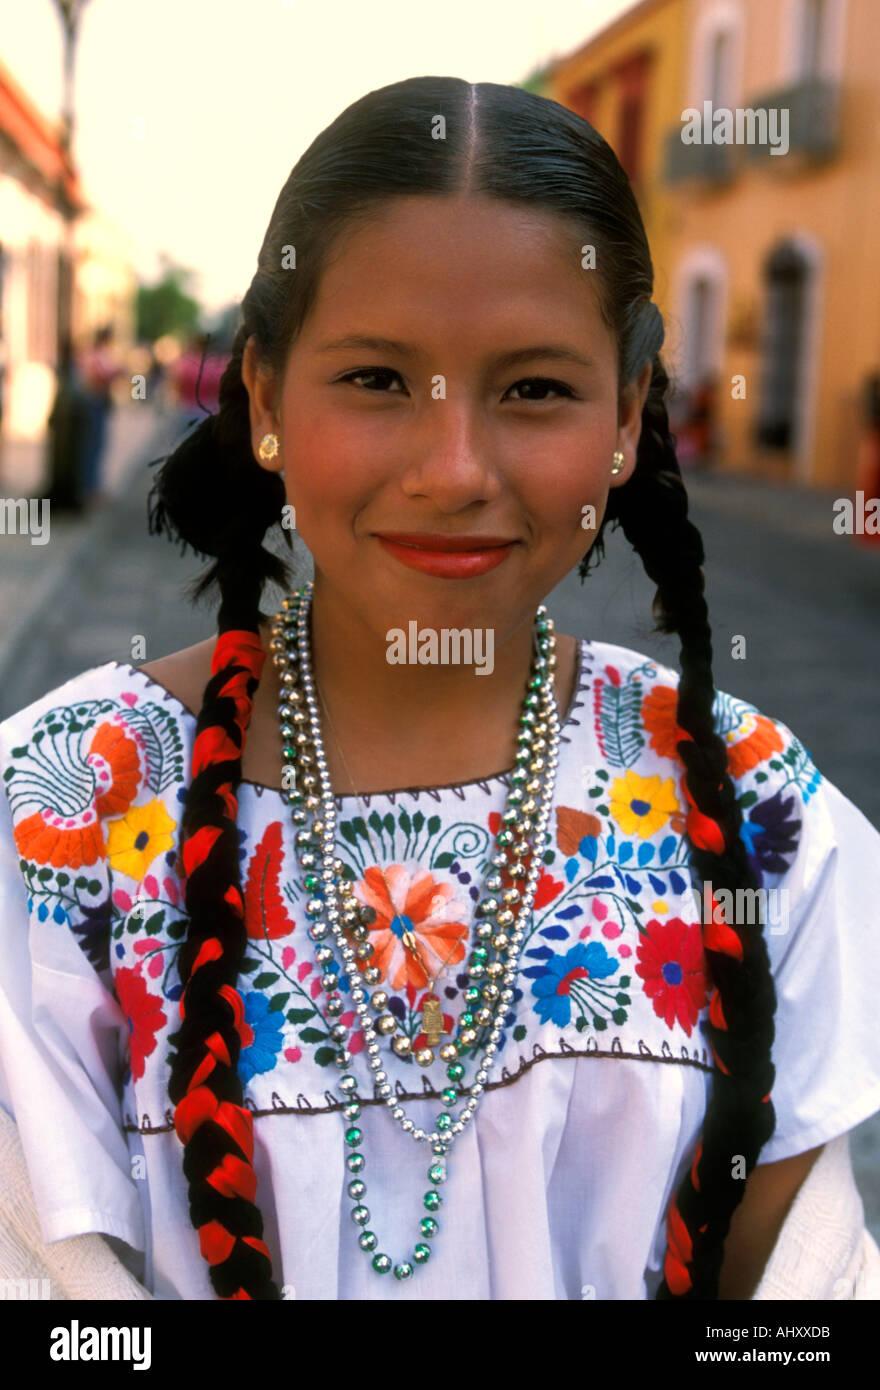 Mexikanische Traditionelle Kleider Stockfotos und -bilder Kaufen - Alamy